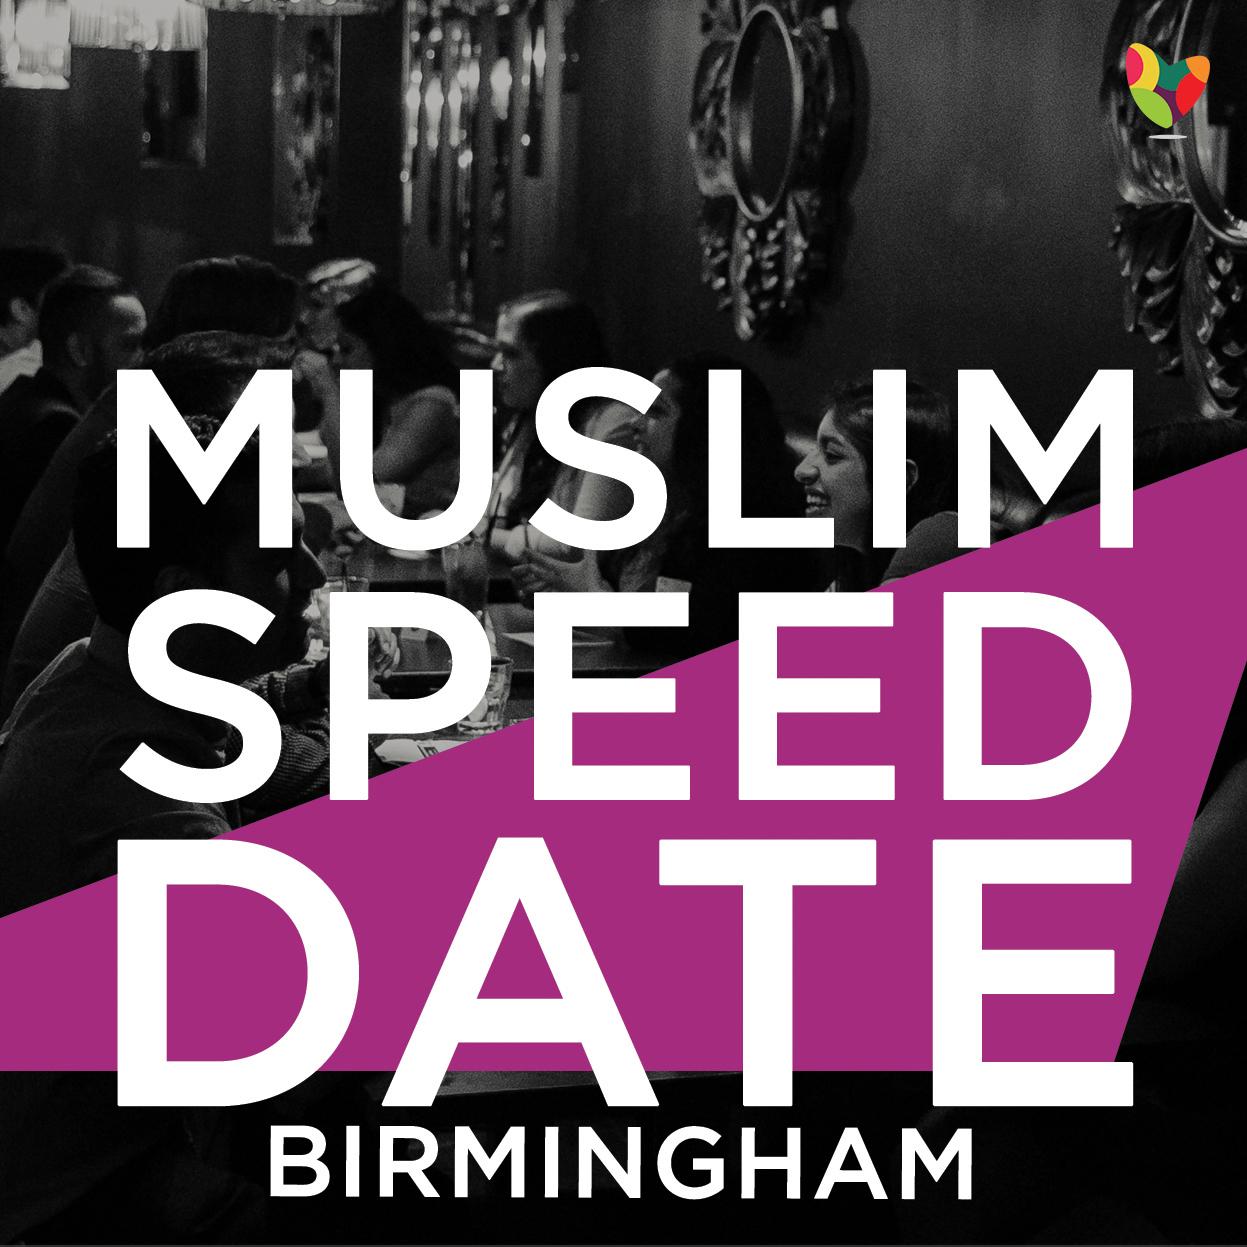 Muslim speed hookup events in london